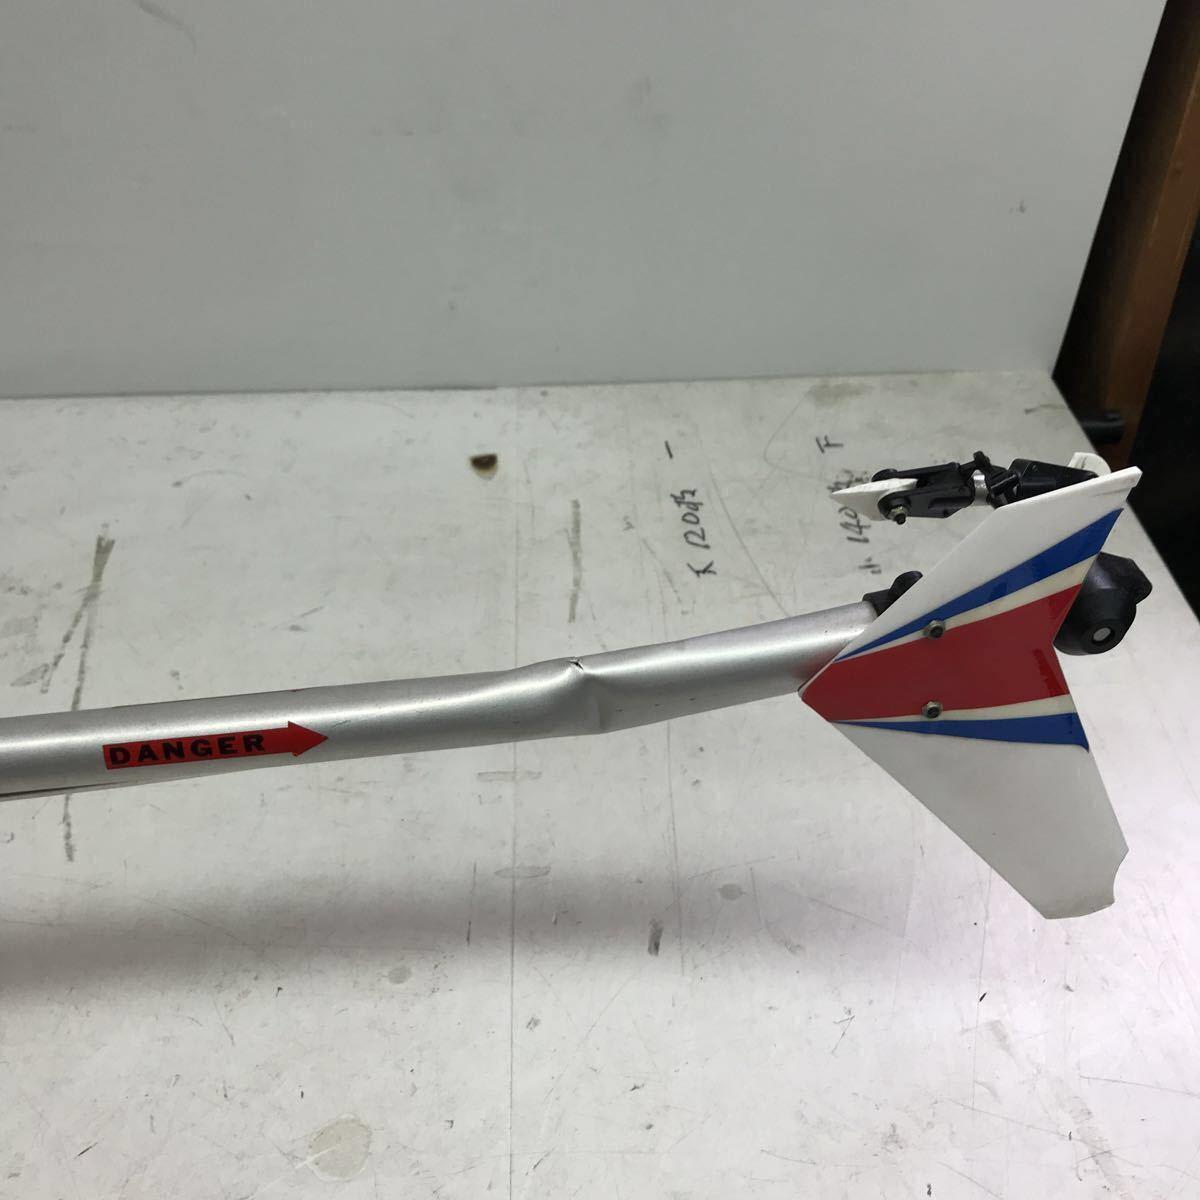 KALT SPACE BARON カルト製 スペースバロン ラジコン ヘリコプター ジャンク _画像5